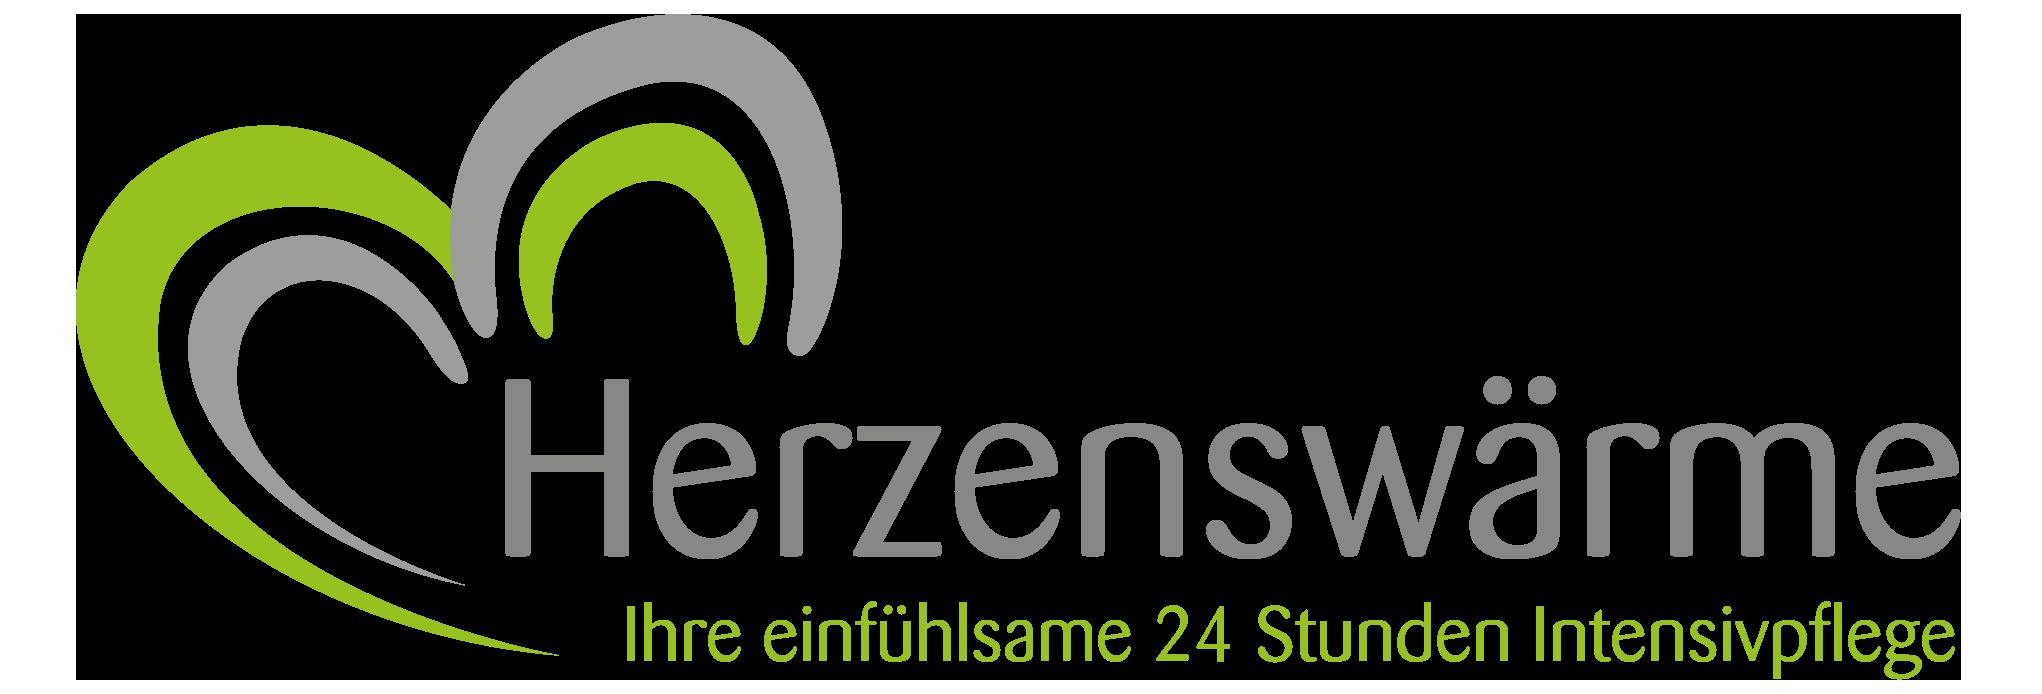 Herzenswärme GmbH & Co. KG